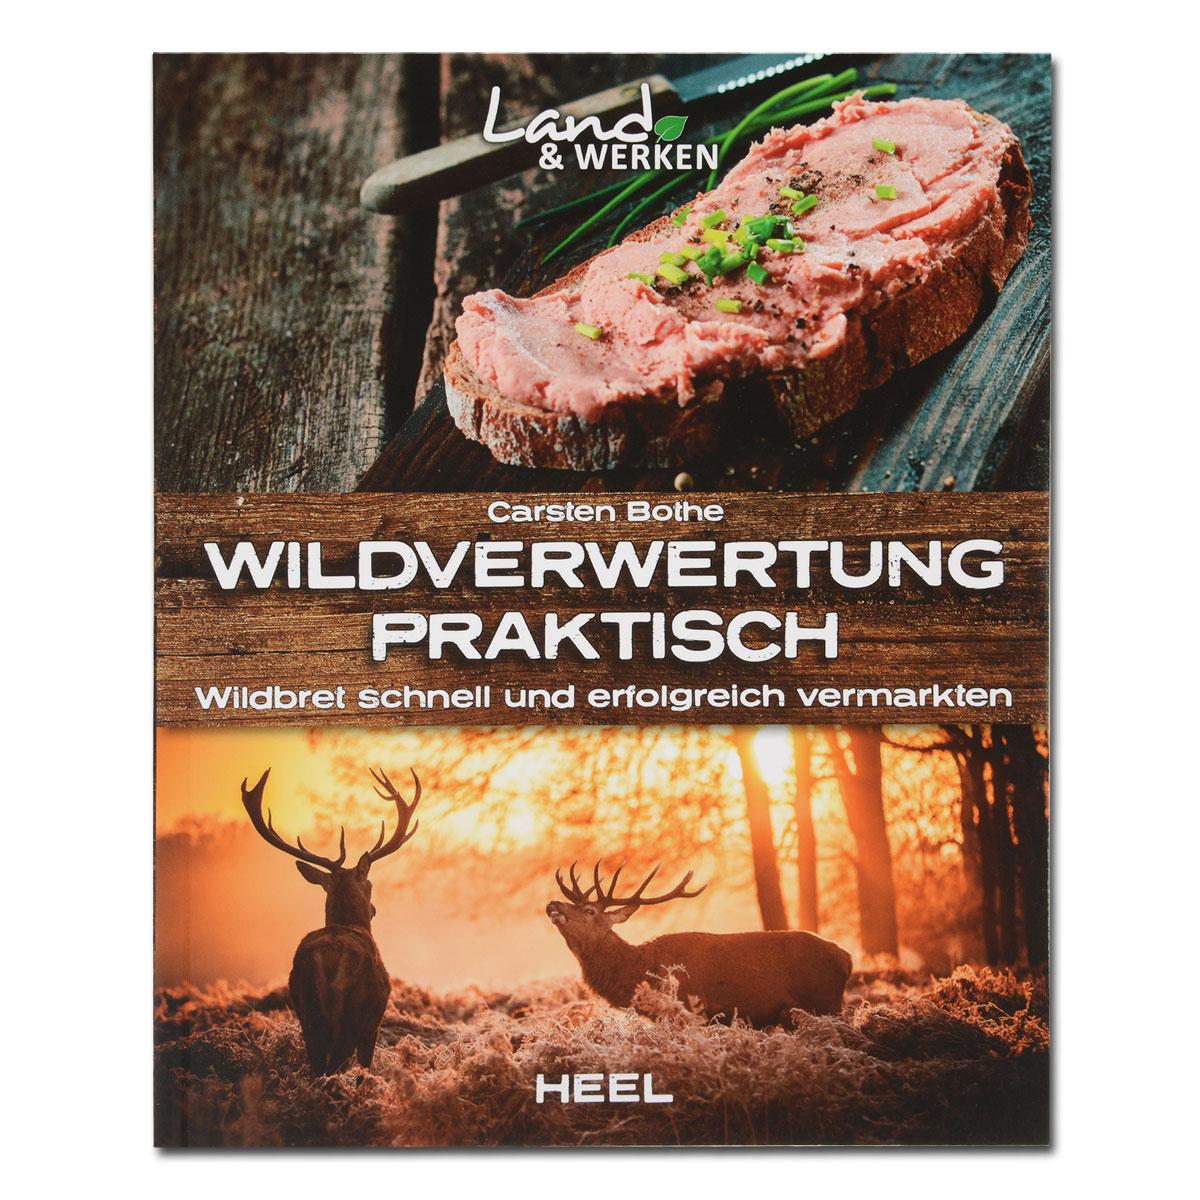 Wildverwertung praktisch - Wildbret schnell und erfolgreich vermarkten im Pareyshop